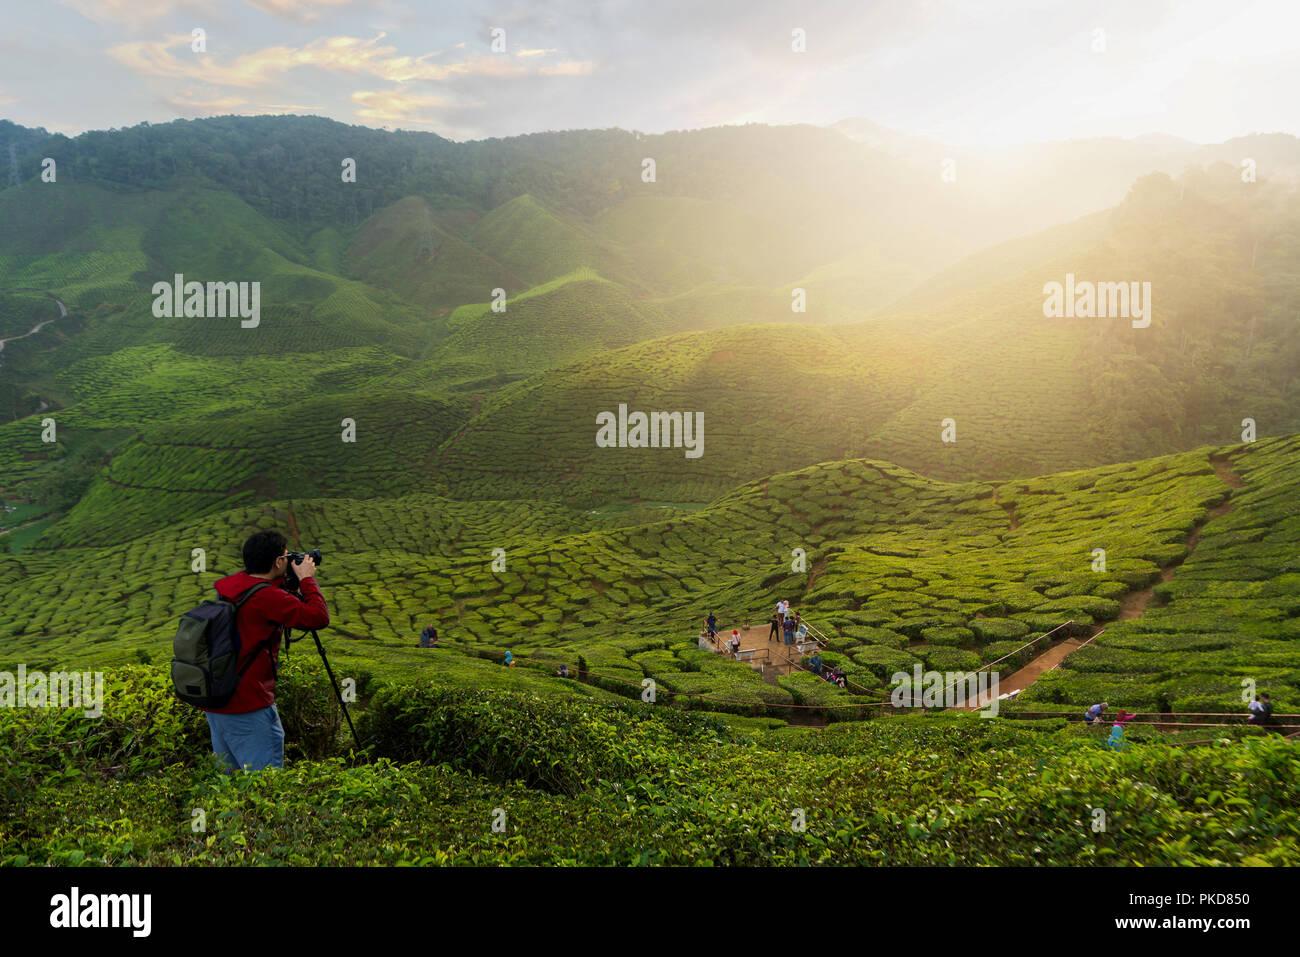 Jeune photographe asiatique voyageant dans les champs de thé avec de la brume. Jeune homme meilleur prenez une photo de plateau de montagne avec terrain brumeux, bénéficiant d''un plateau plantatio Photo Stock